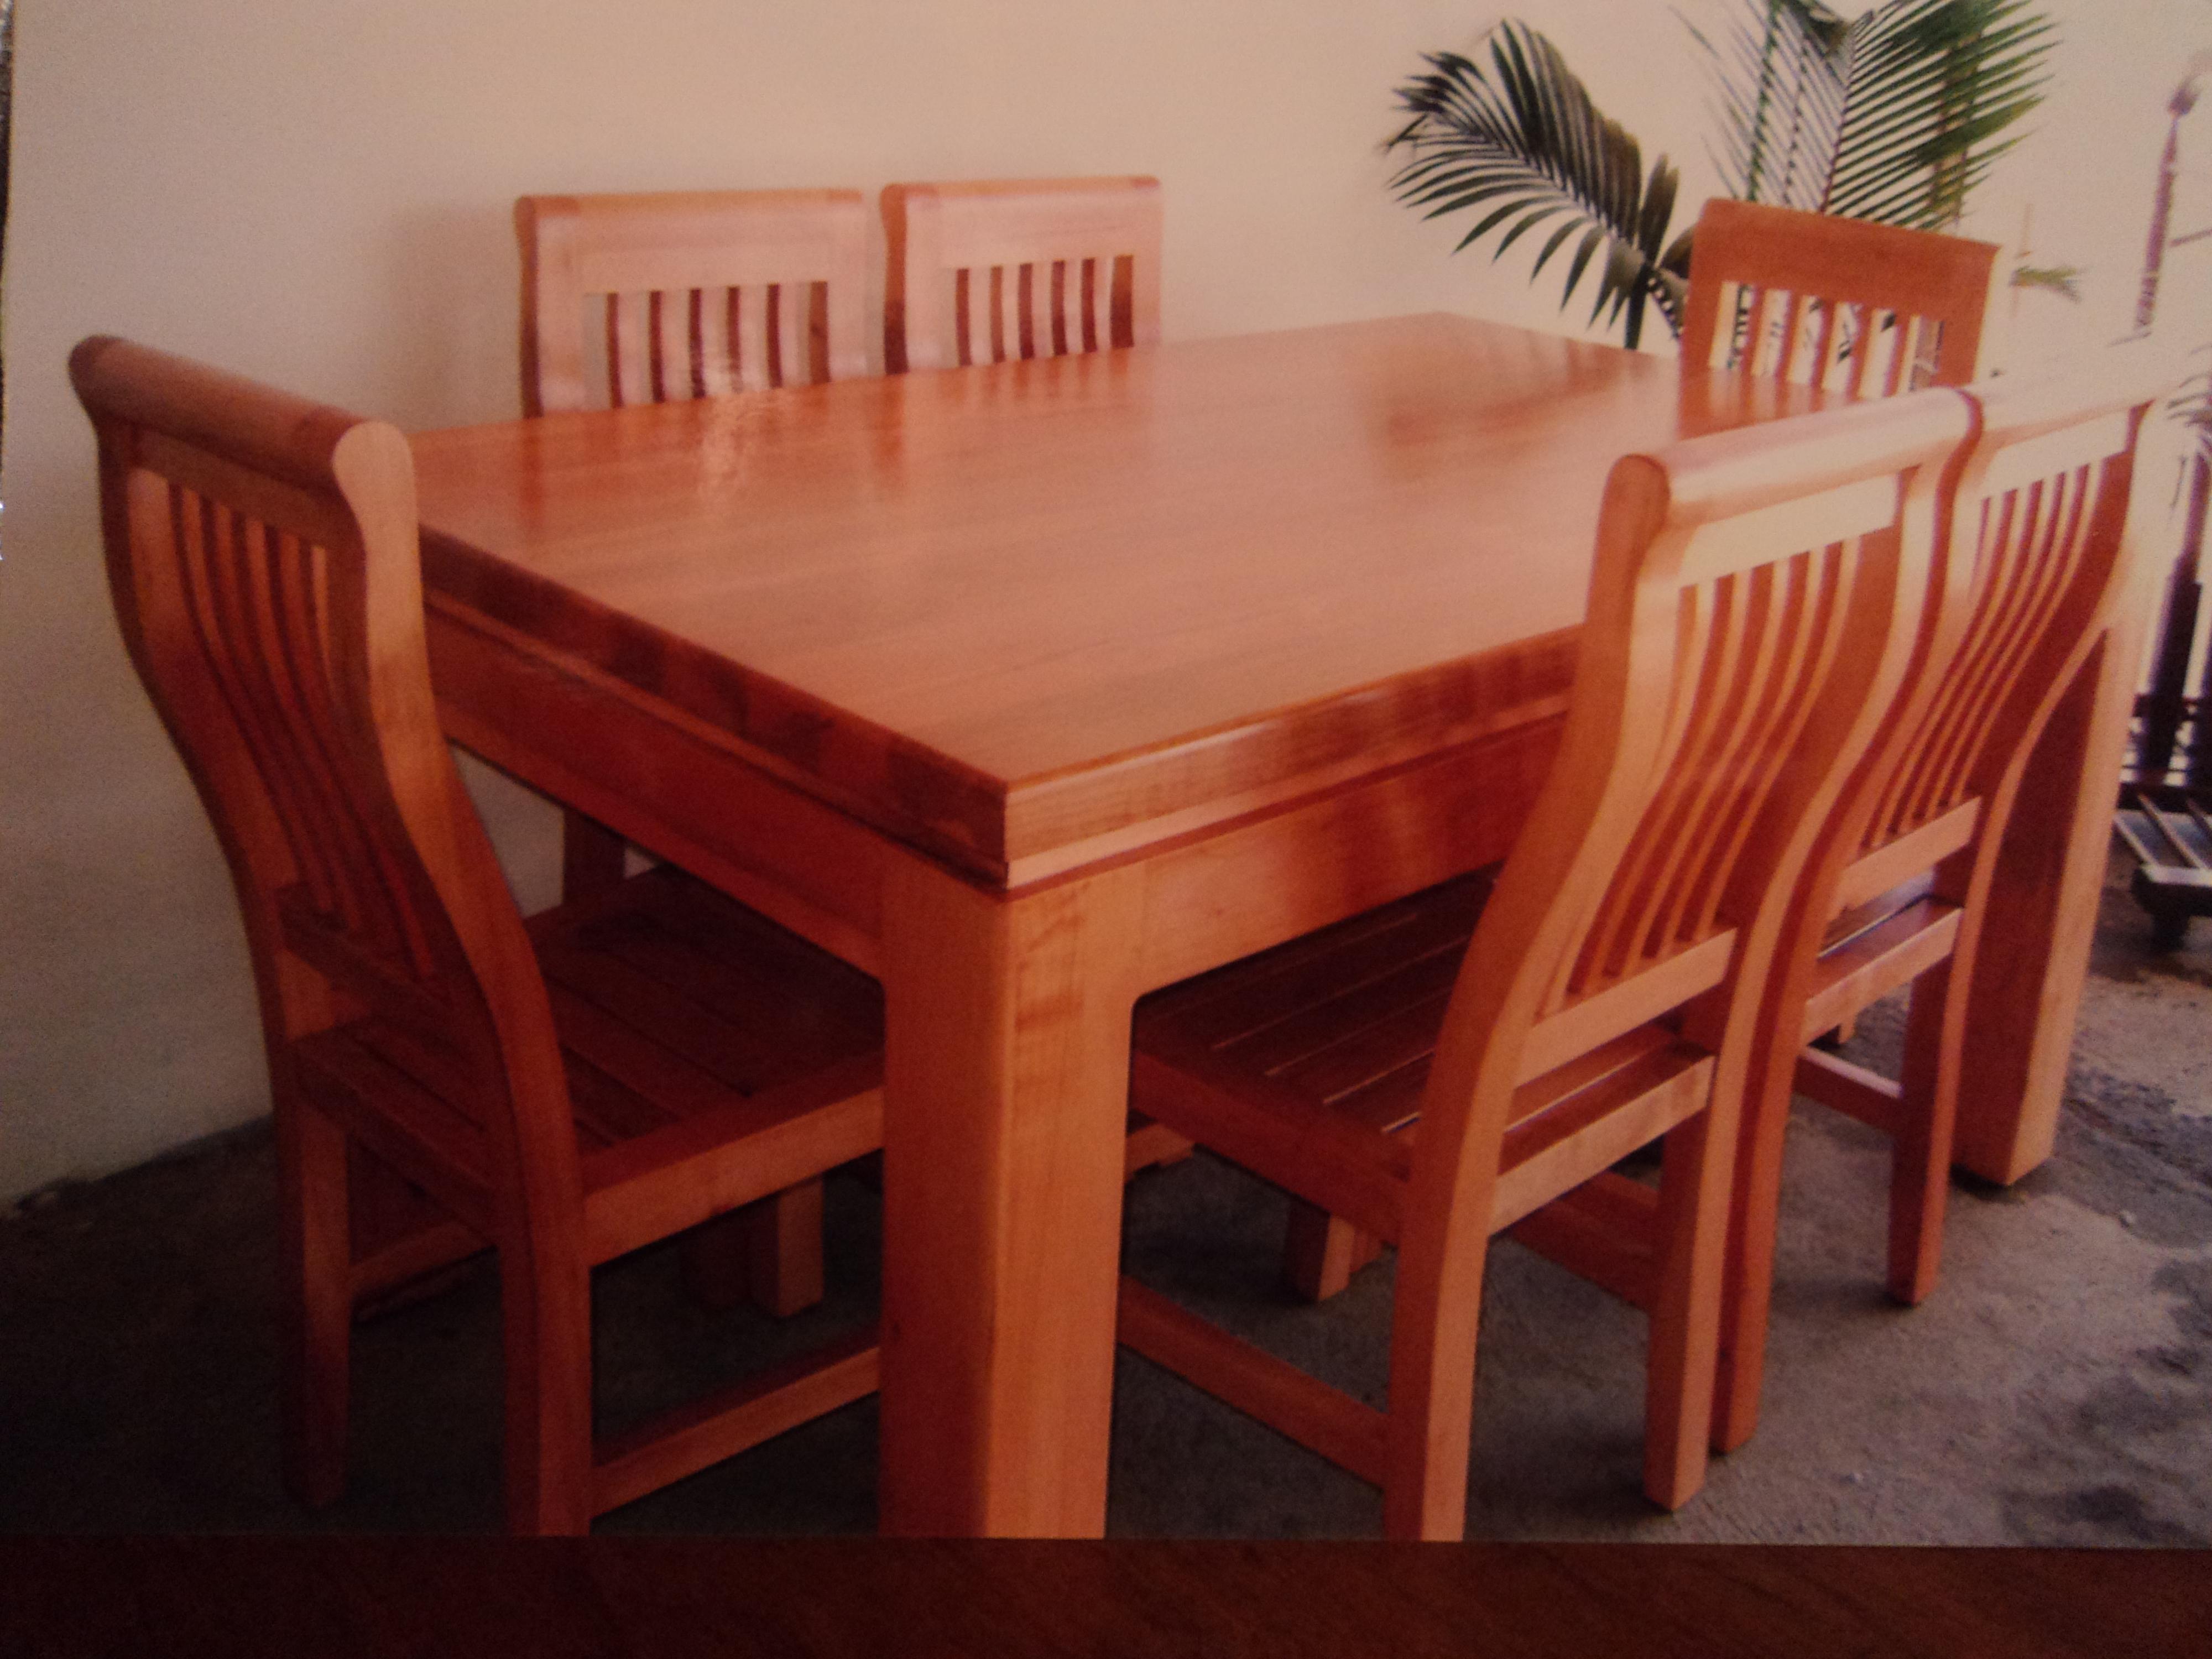 muebles artesanos de madera 20170809070346